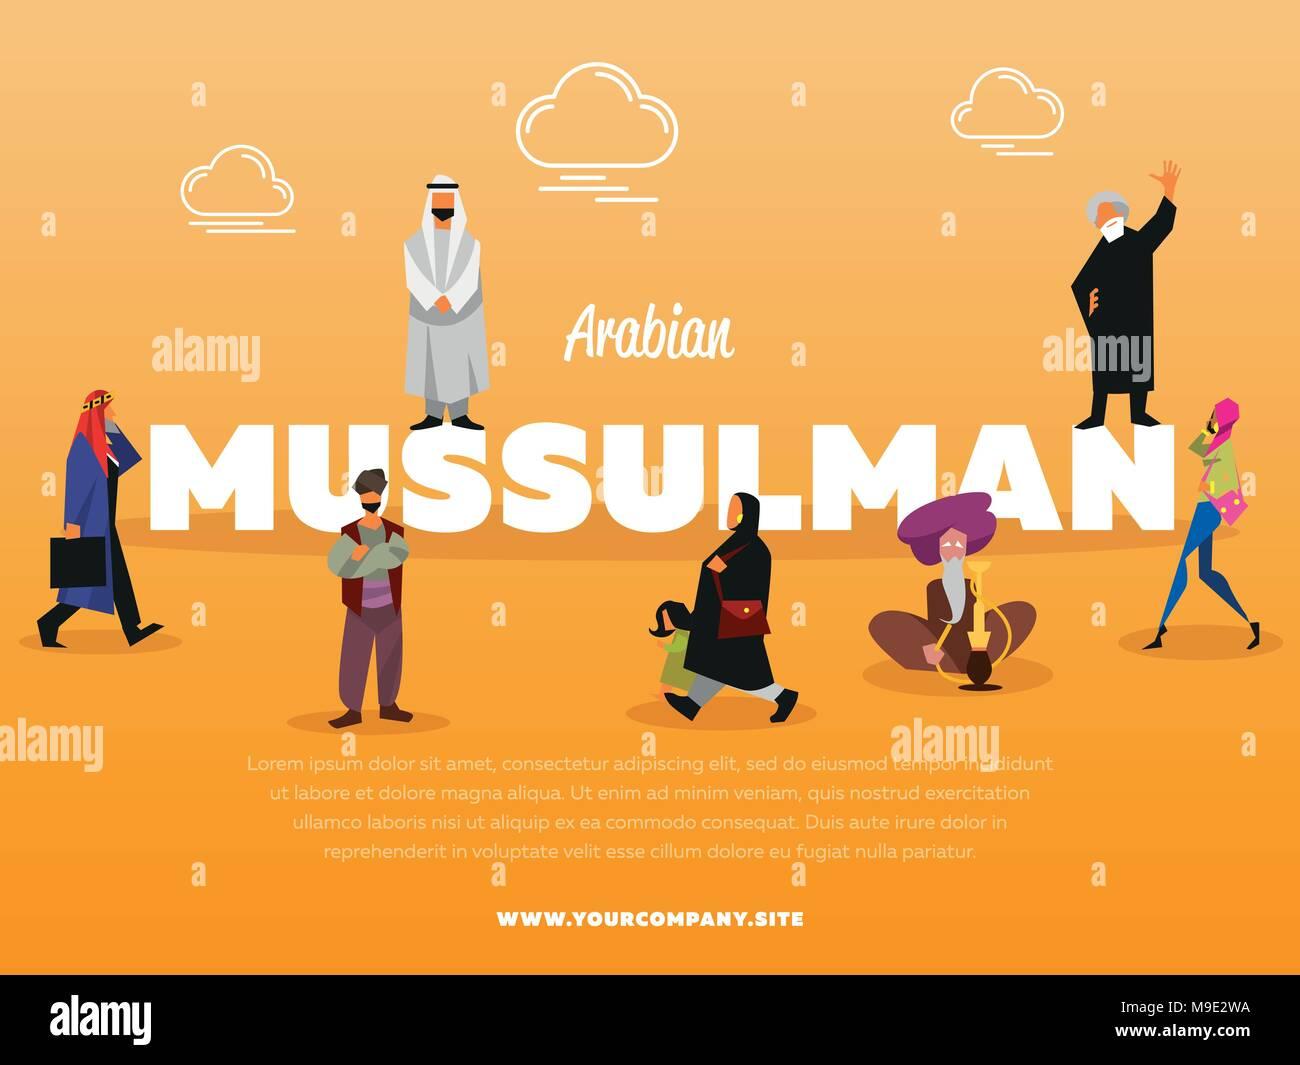 Arabian mussulman banner con persone Immagini Stock